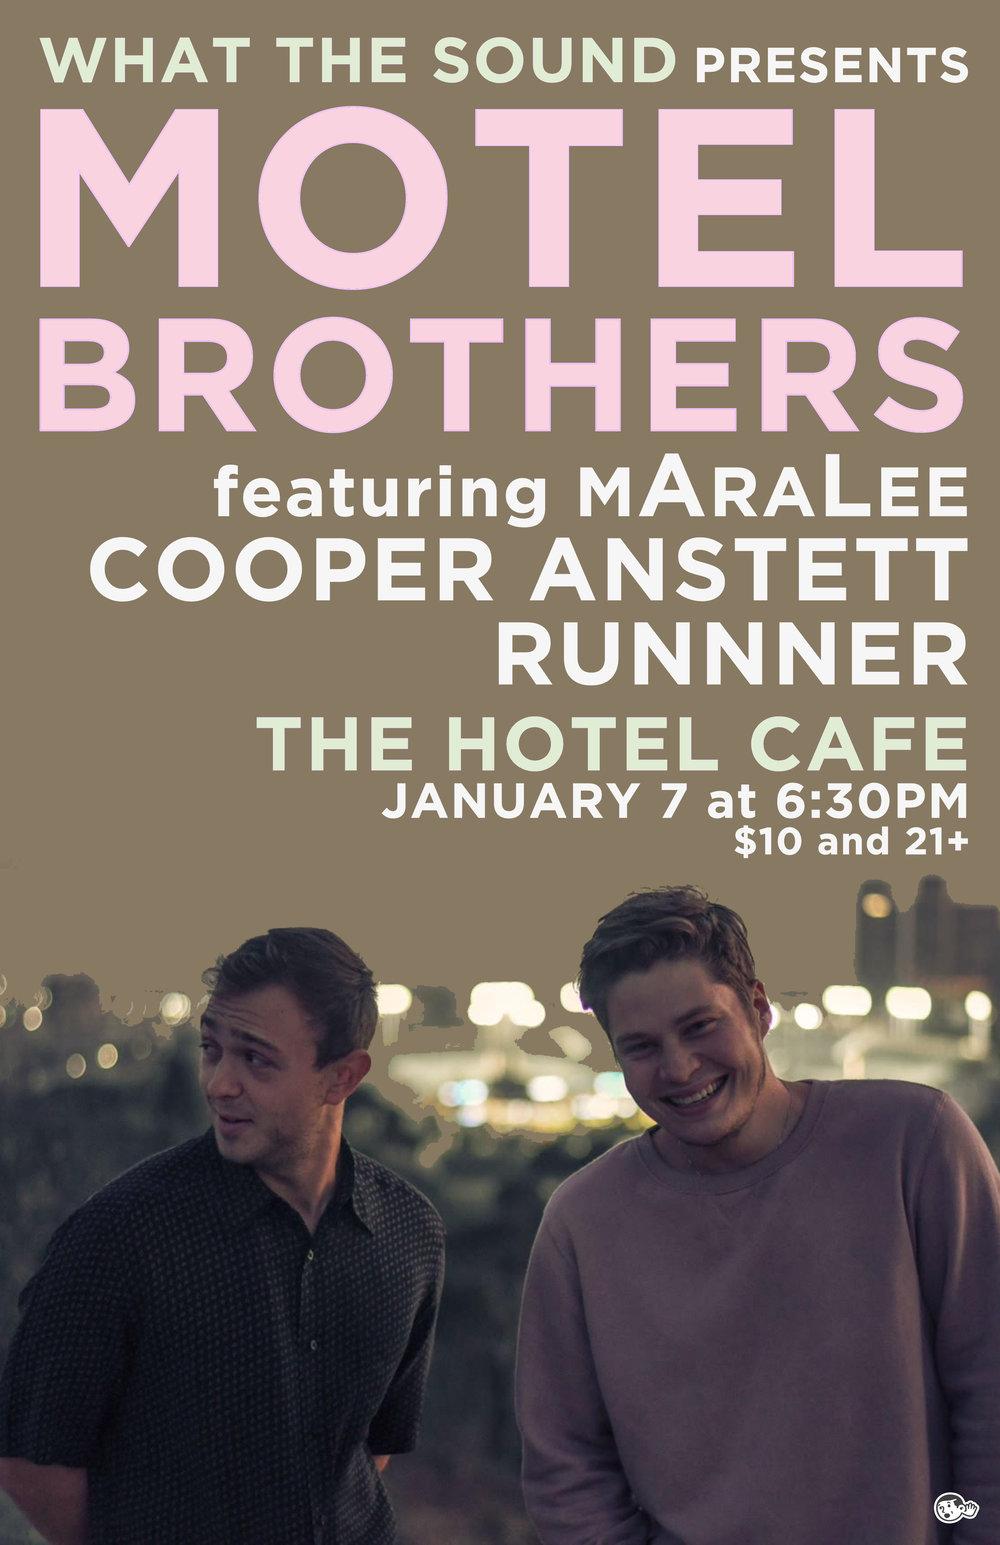 THE MOTEL BROTHERS / MARALEE / COOPER ANSTETT / RUNNNER - Artwork by Ben RedderJanuary 7 @ The Hotel Cafe$10, 21+